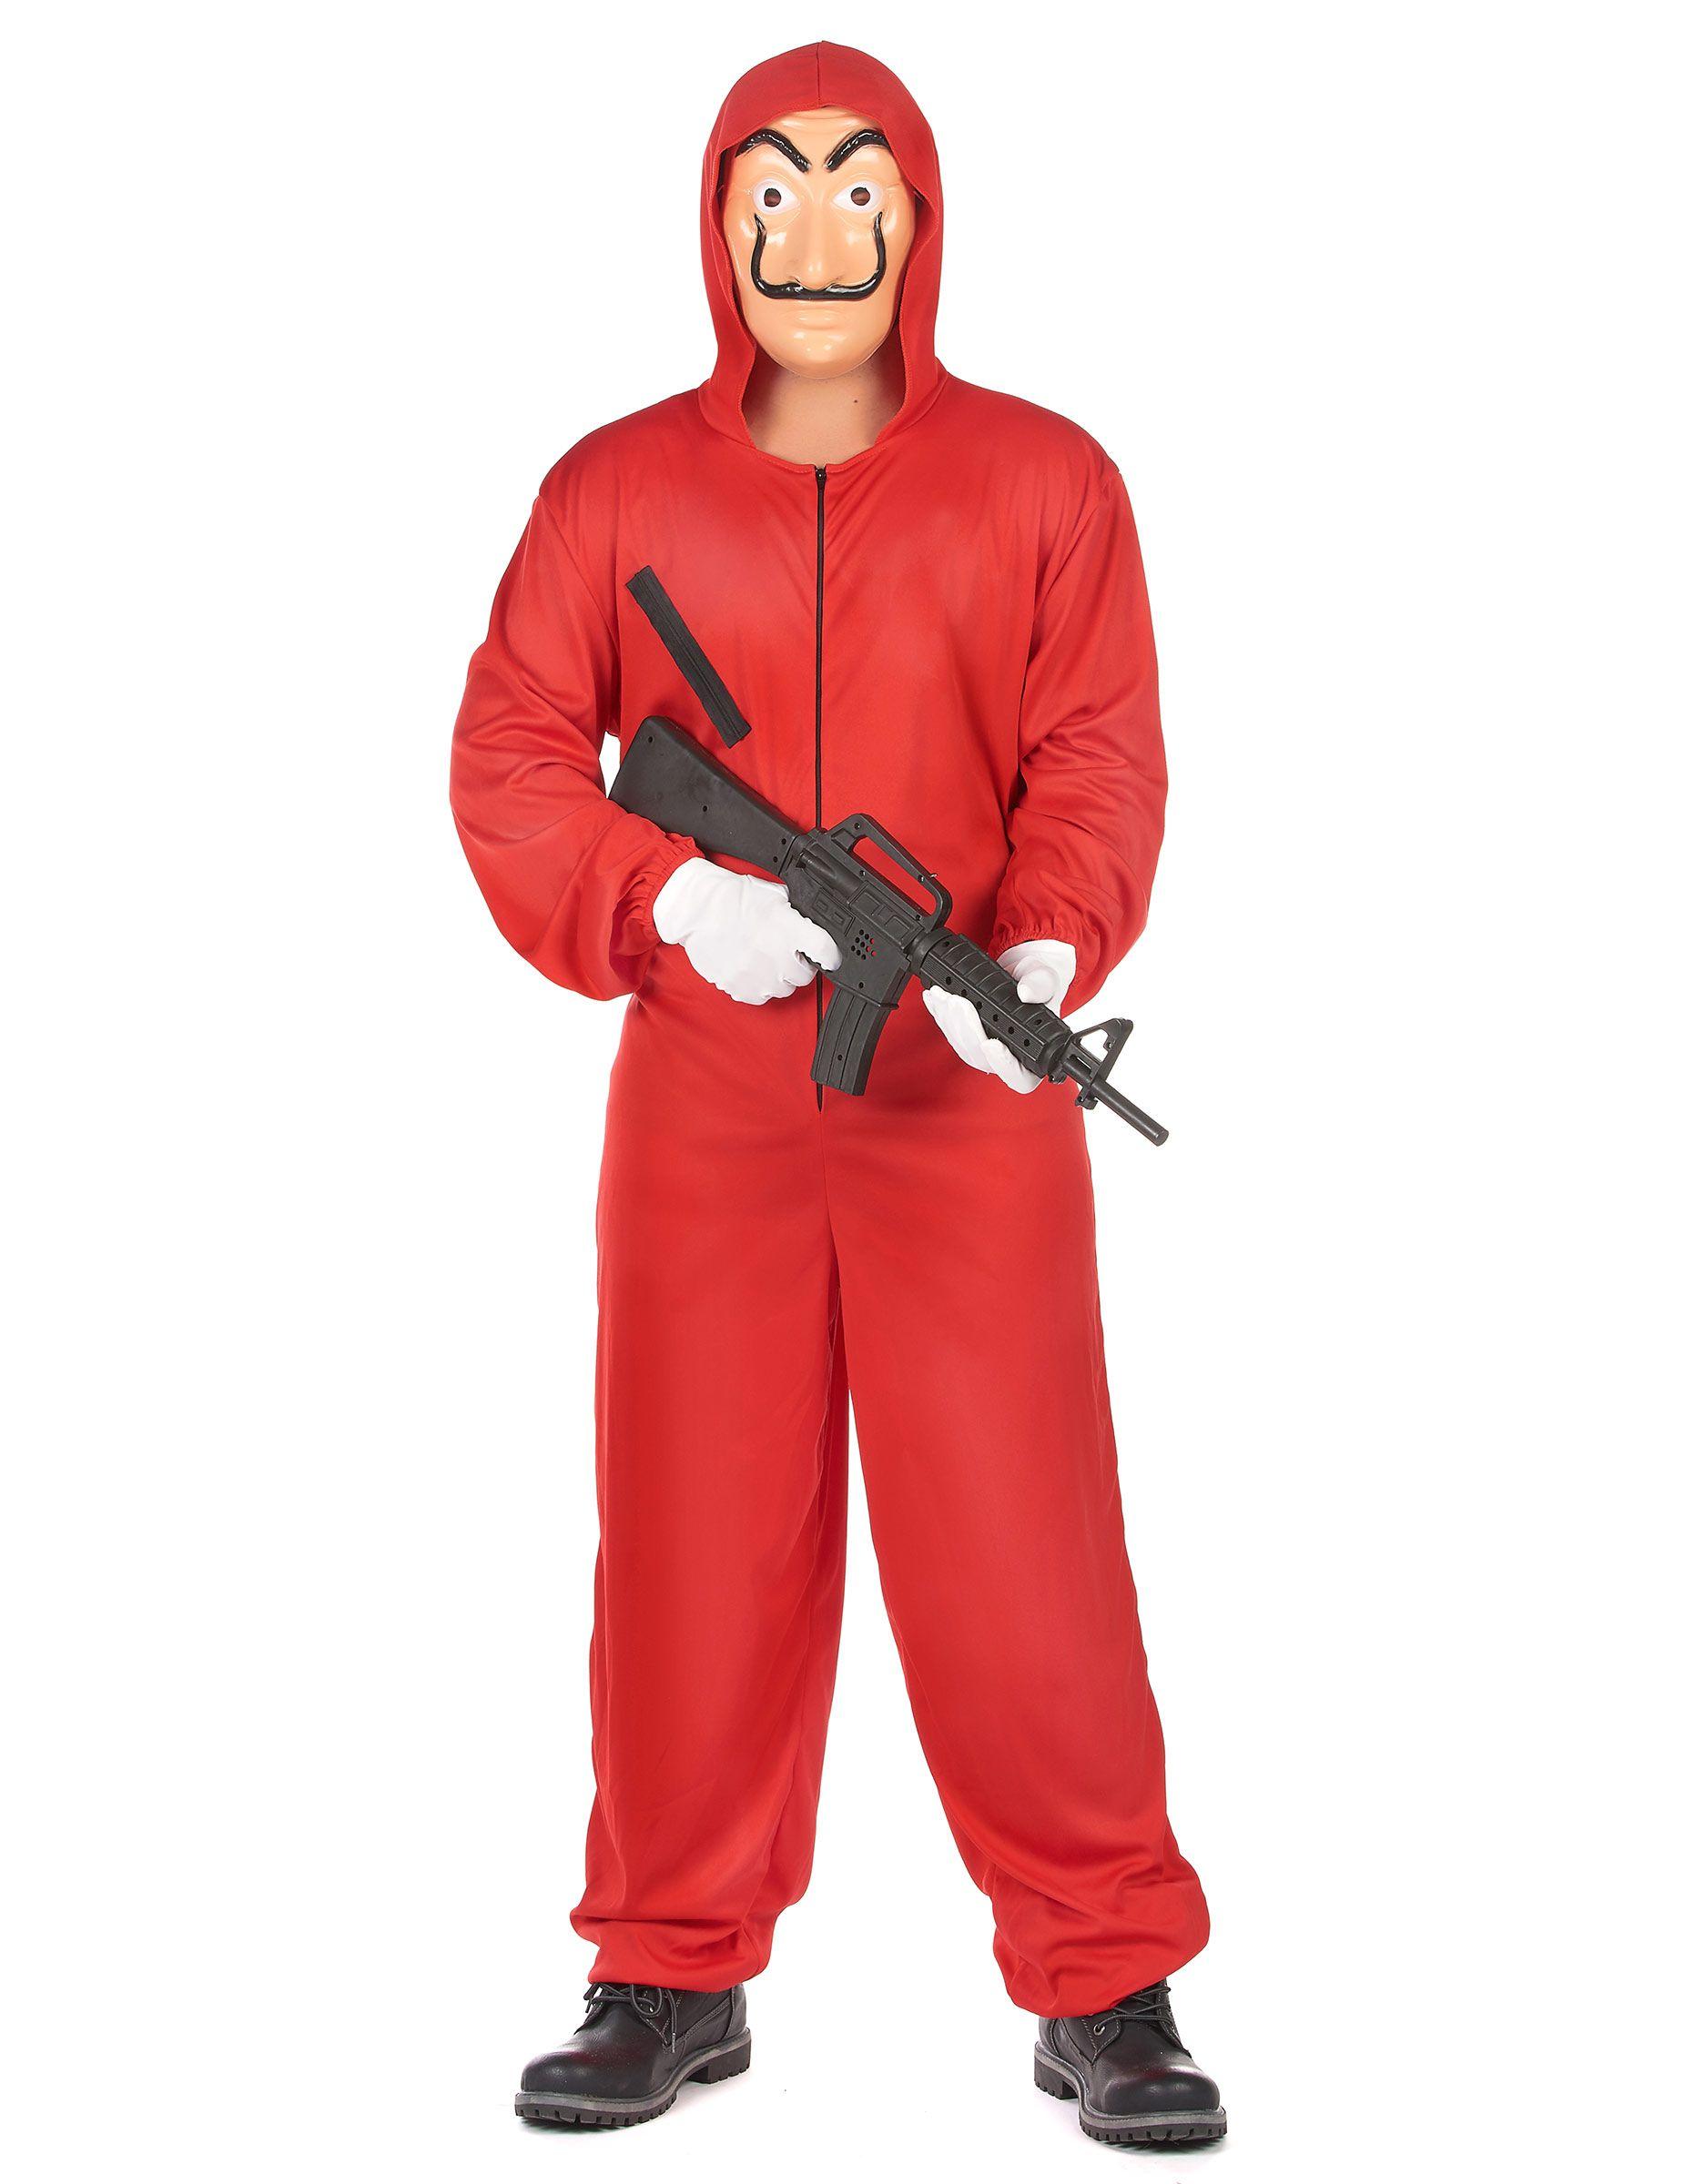 Costume tuta rossa da bandito per adulto su VegaooParty 3444cf16d48